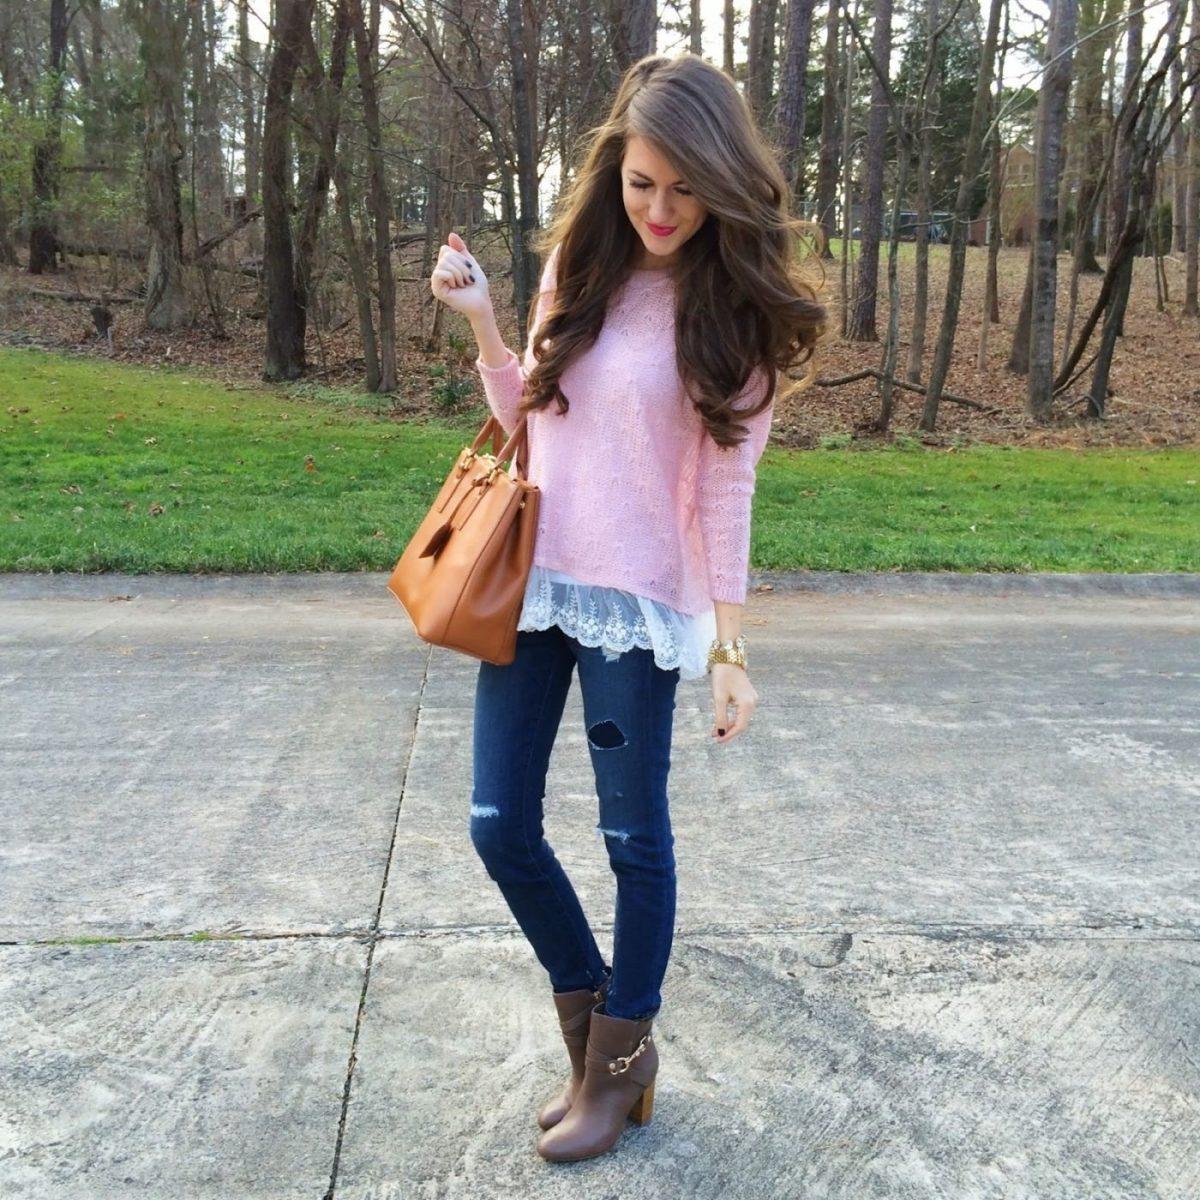 розовый свитер с кружевом и джинсы с чем носить